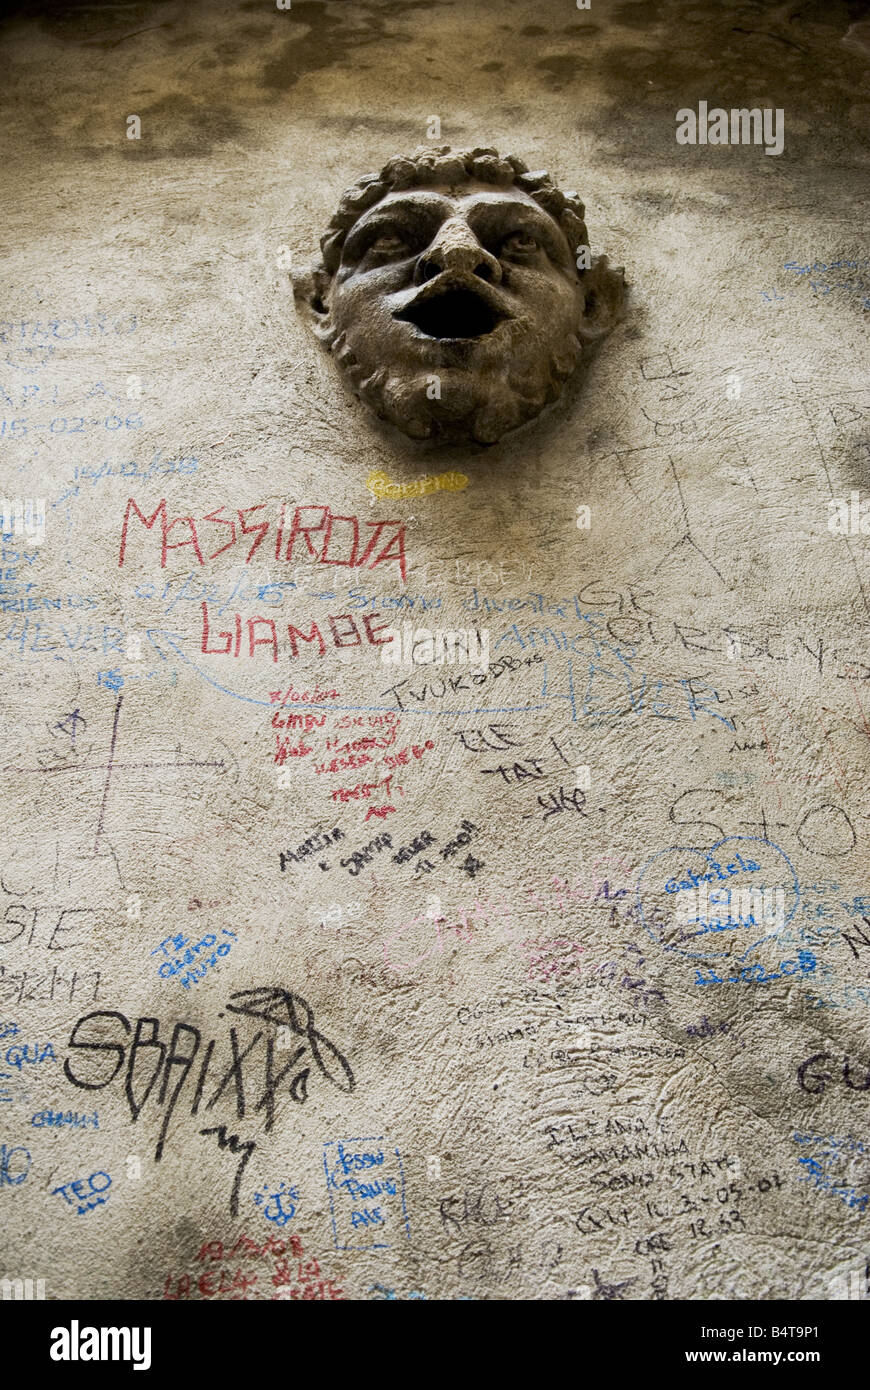 blickte zu einer mittelalterlichen Relief Gesicht mit offenem Mund an Wand bedeckt mit bunten Graffiti in zentralen Stockbild